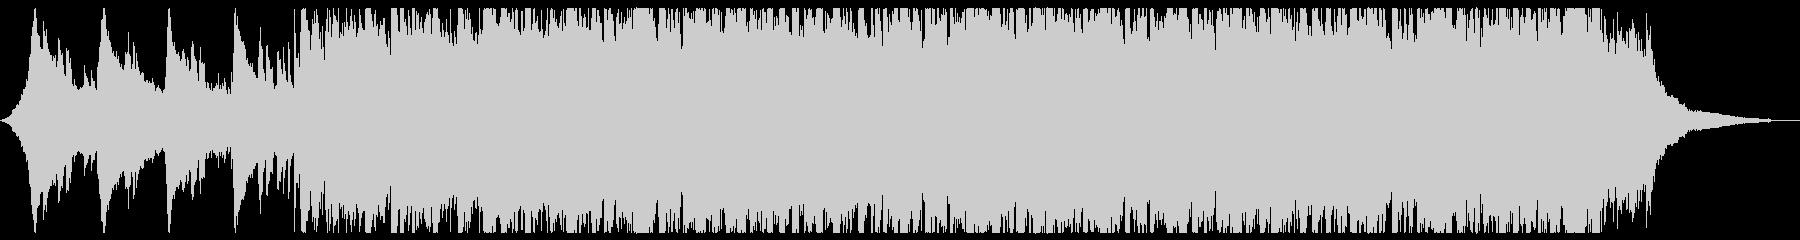 インディーズ ロック ポップ ほの...の未再生の波形